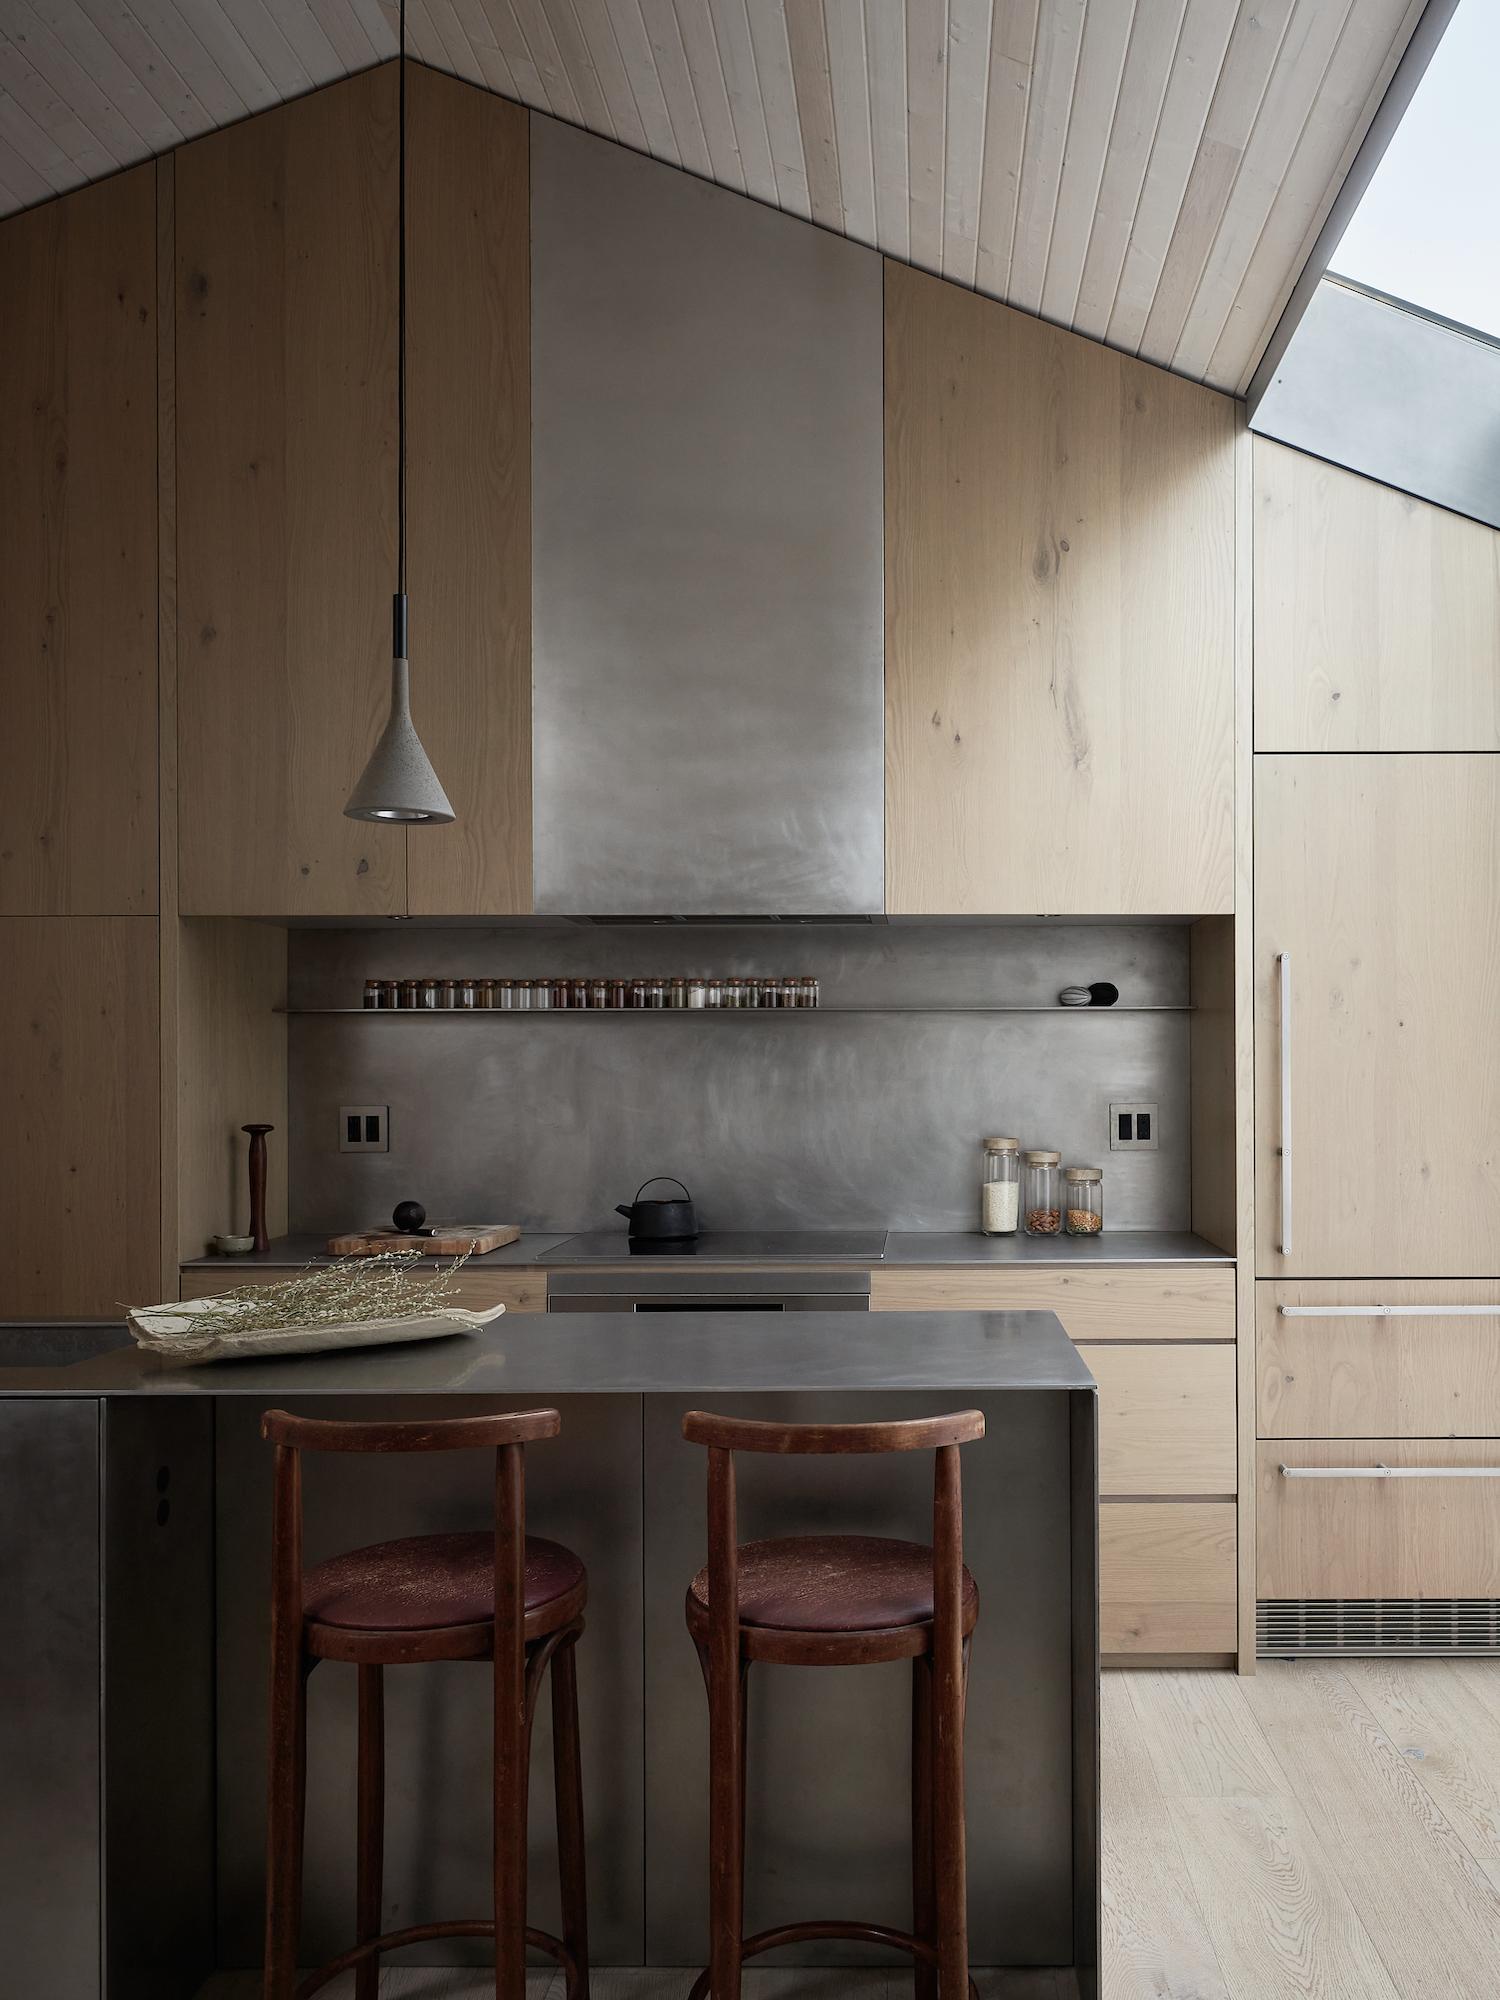 est living where architects live suzanne stefan 9